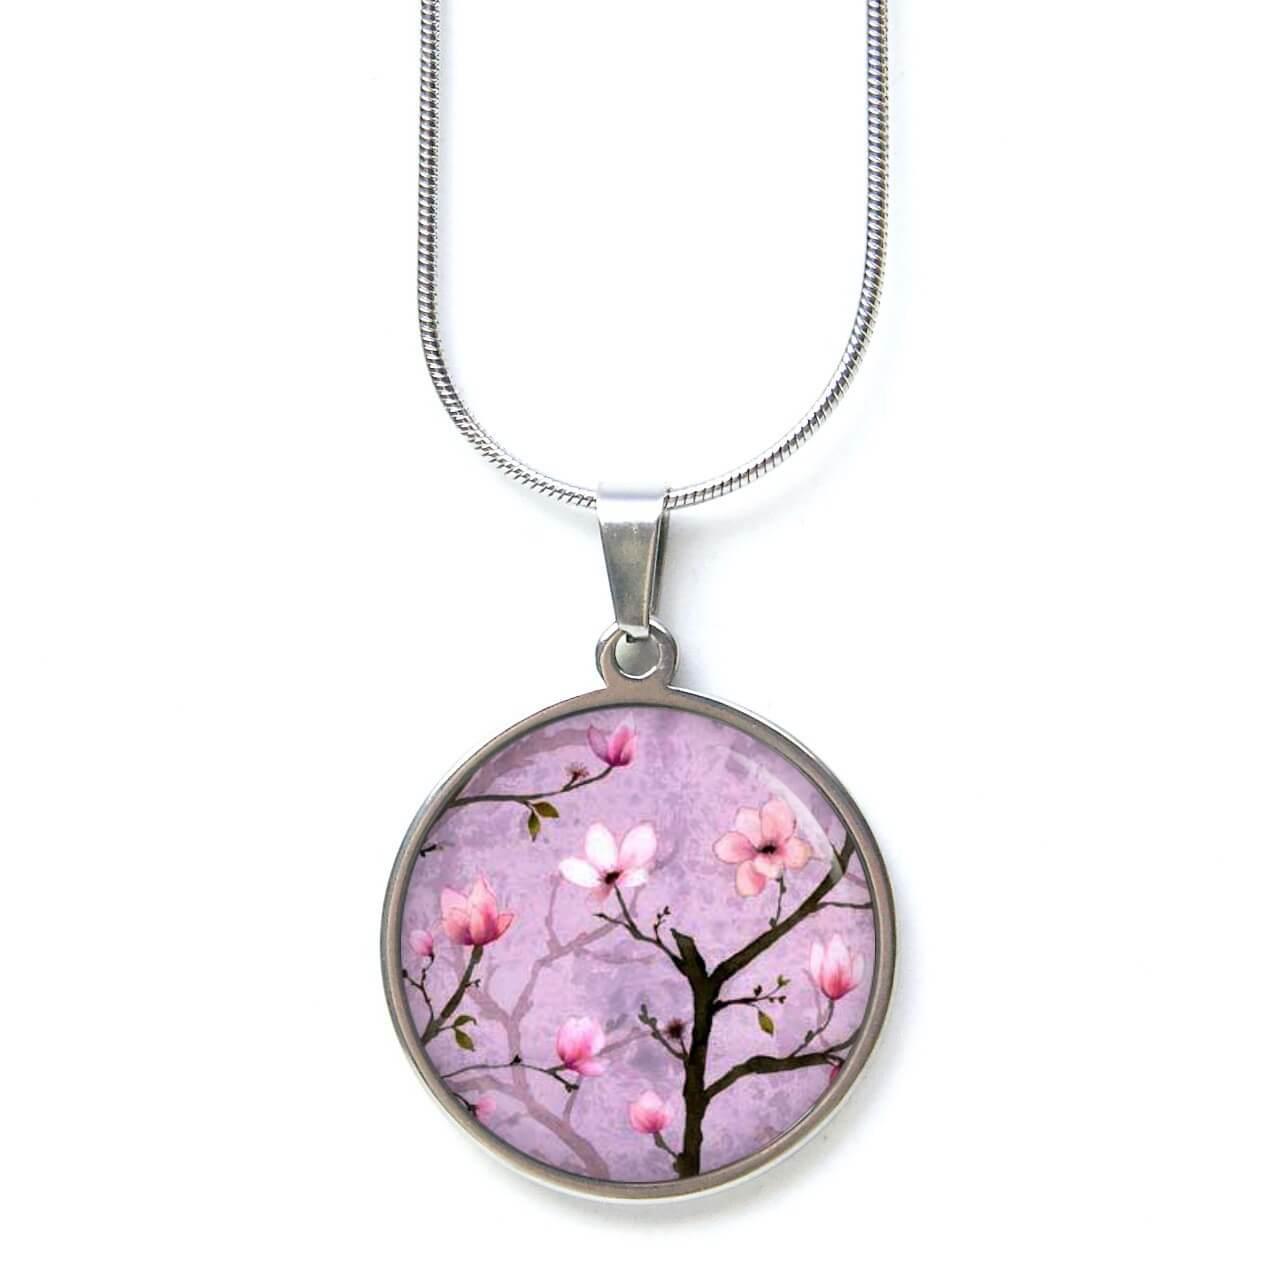 Edelstahl Kette Lila Kirschblüten Japanische Kirschblüten